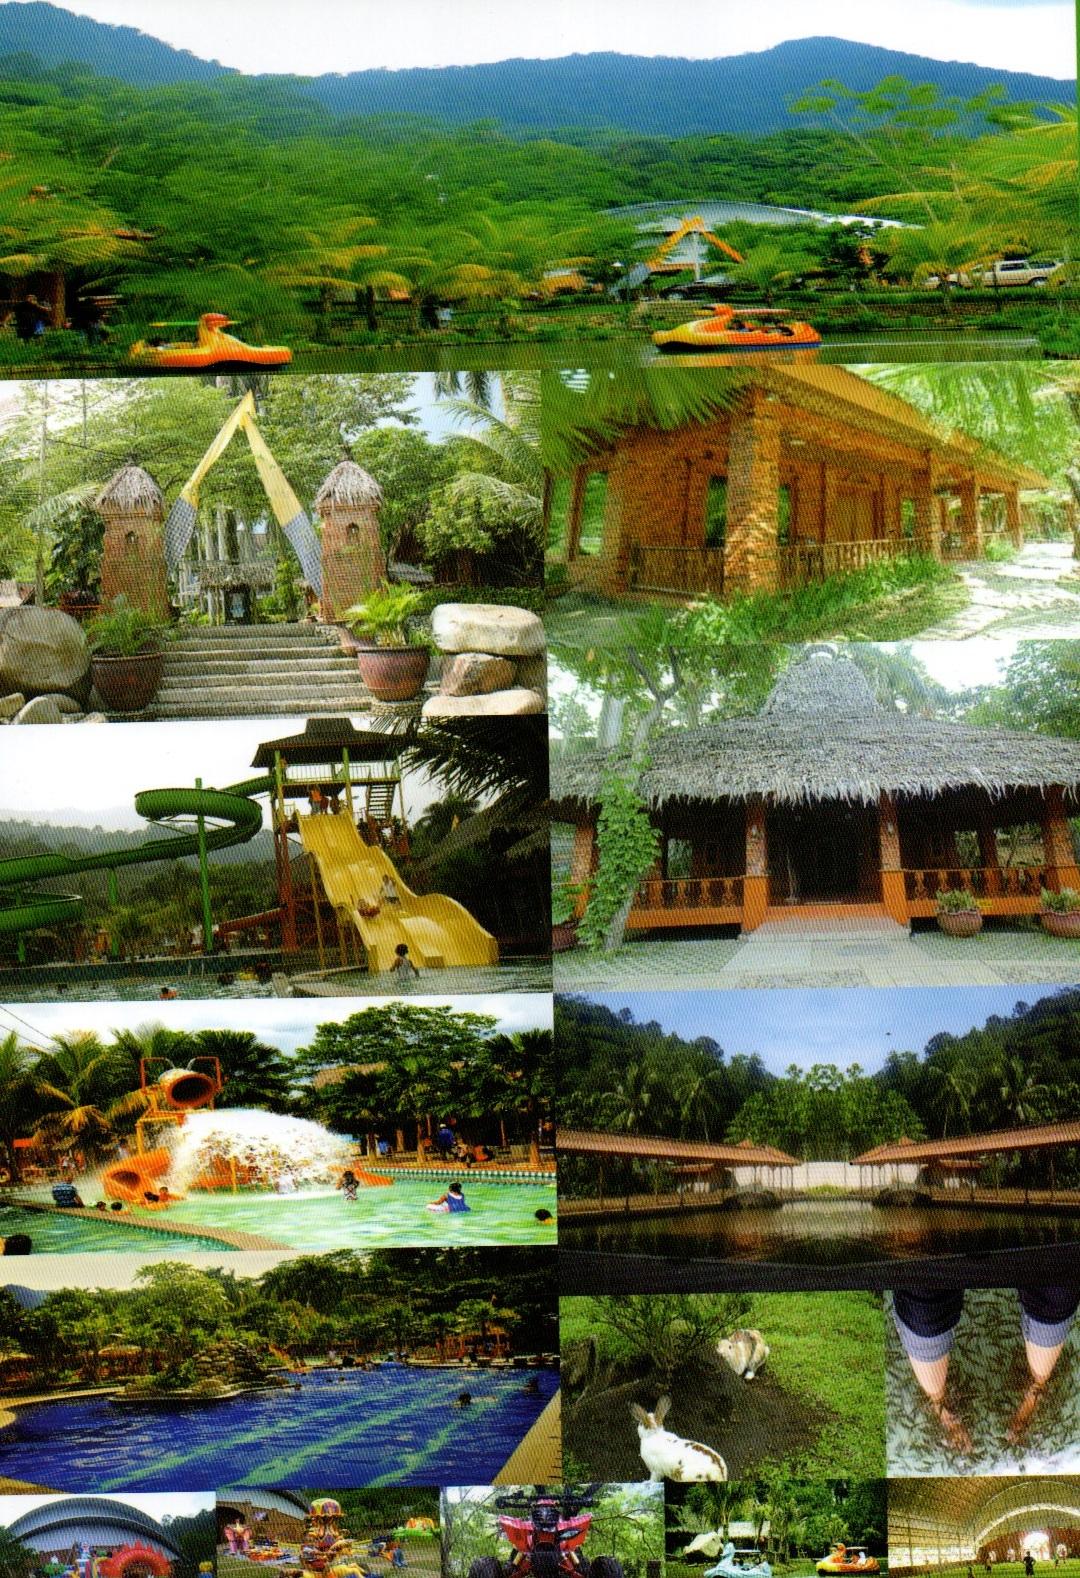 Kampung Turis Karawang : kampung, turis, karawang, Harga, Paket, Wisata, Fasilitas, Kampung, Turis, Karawang, Bagian, Deasikumbang